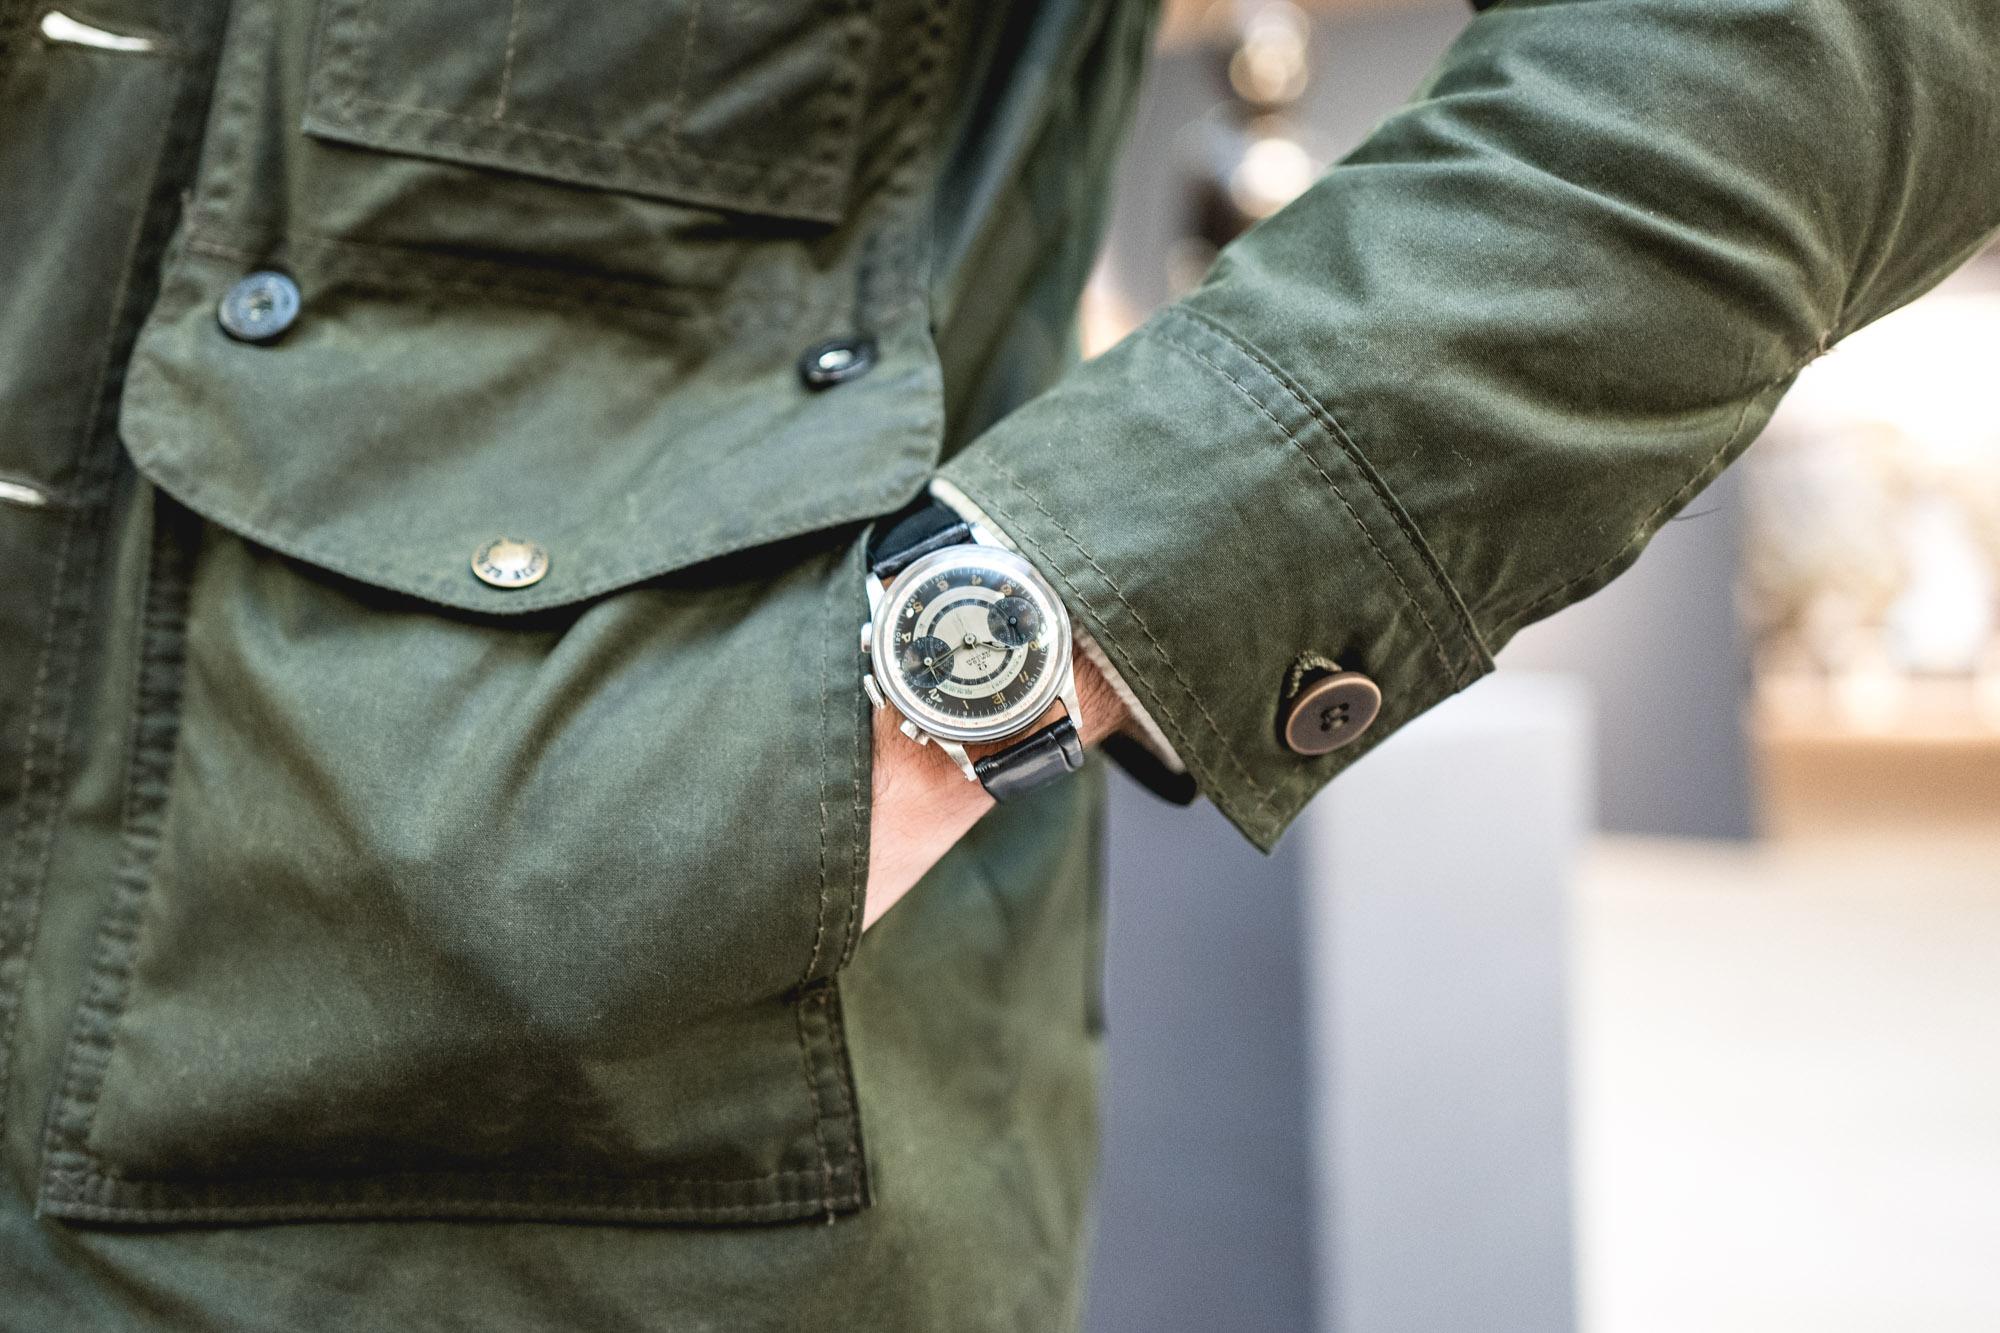 Tajan - Vente de montres du 11 décembre -Omega Chronographe CK 987Tajan - Vente de montres du 11 décembre -Omega Chronographe CK 987